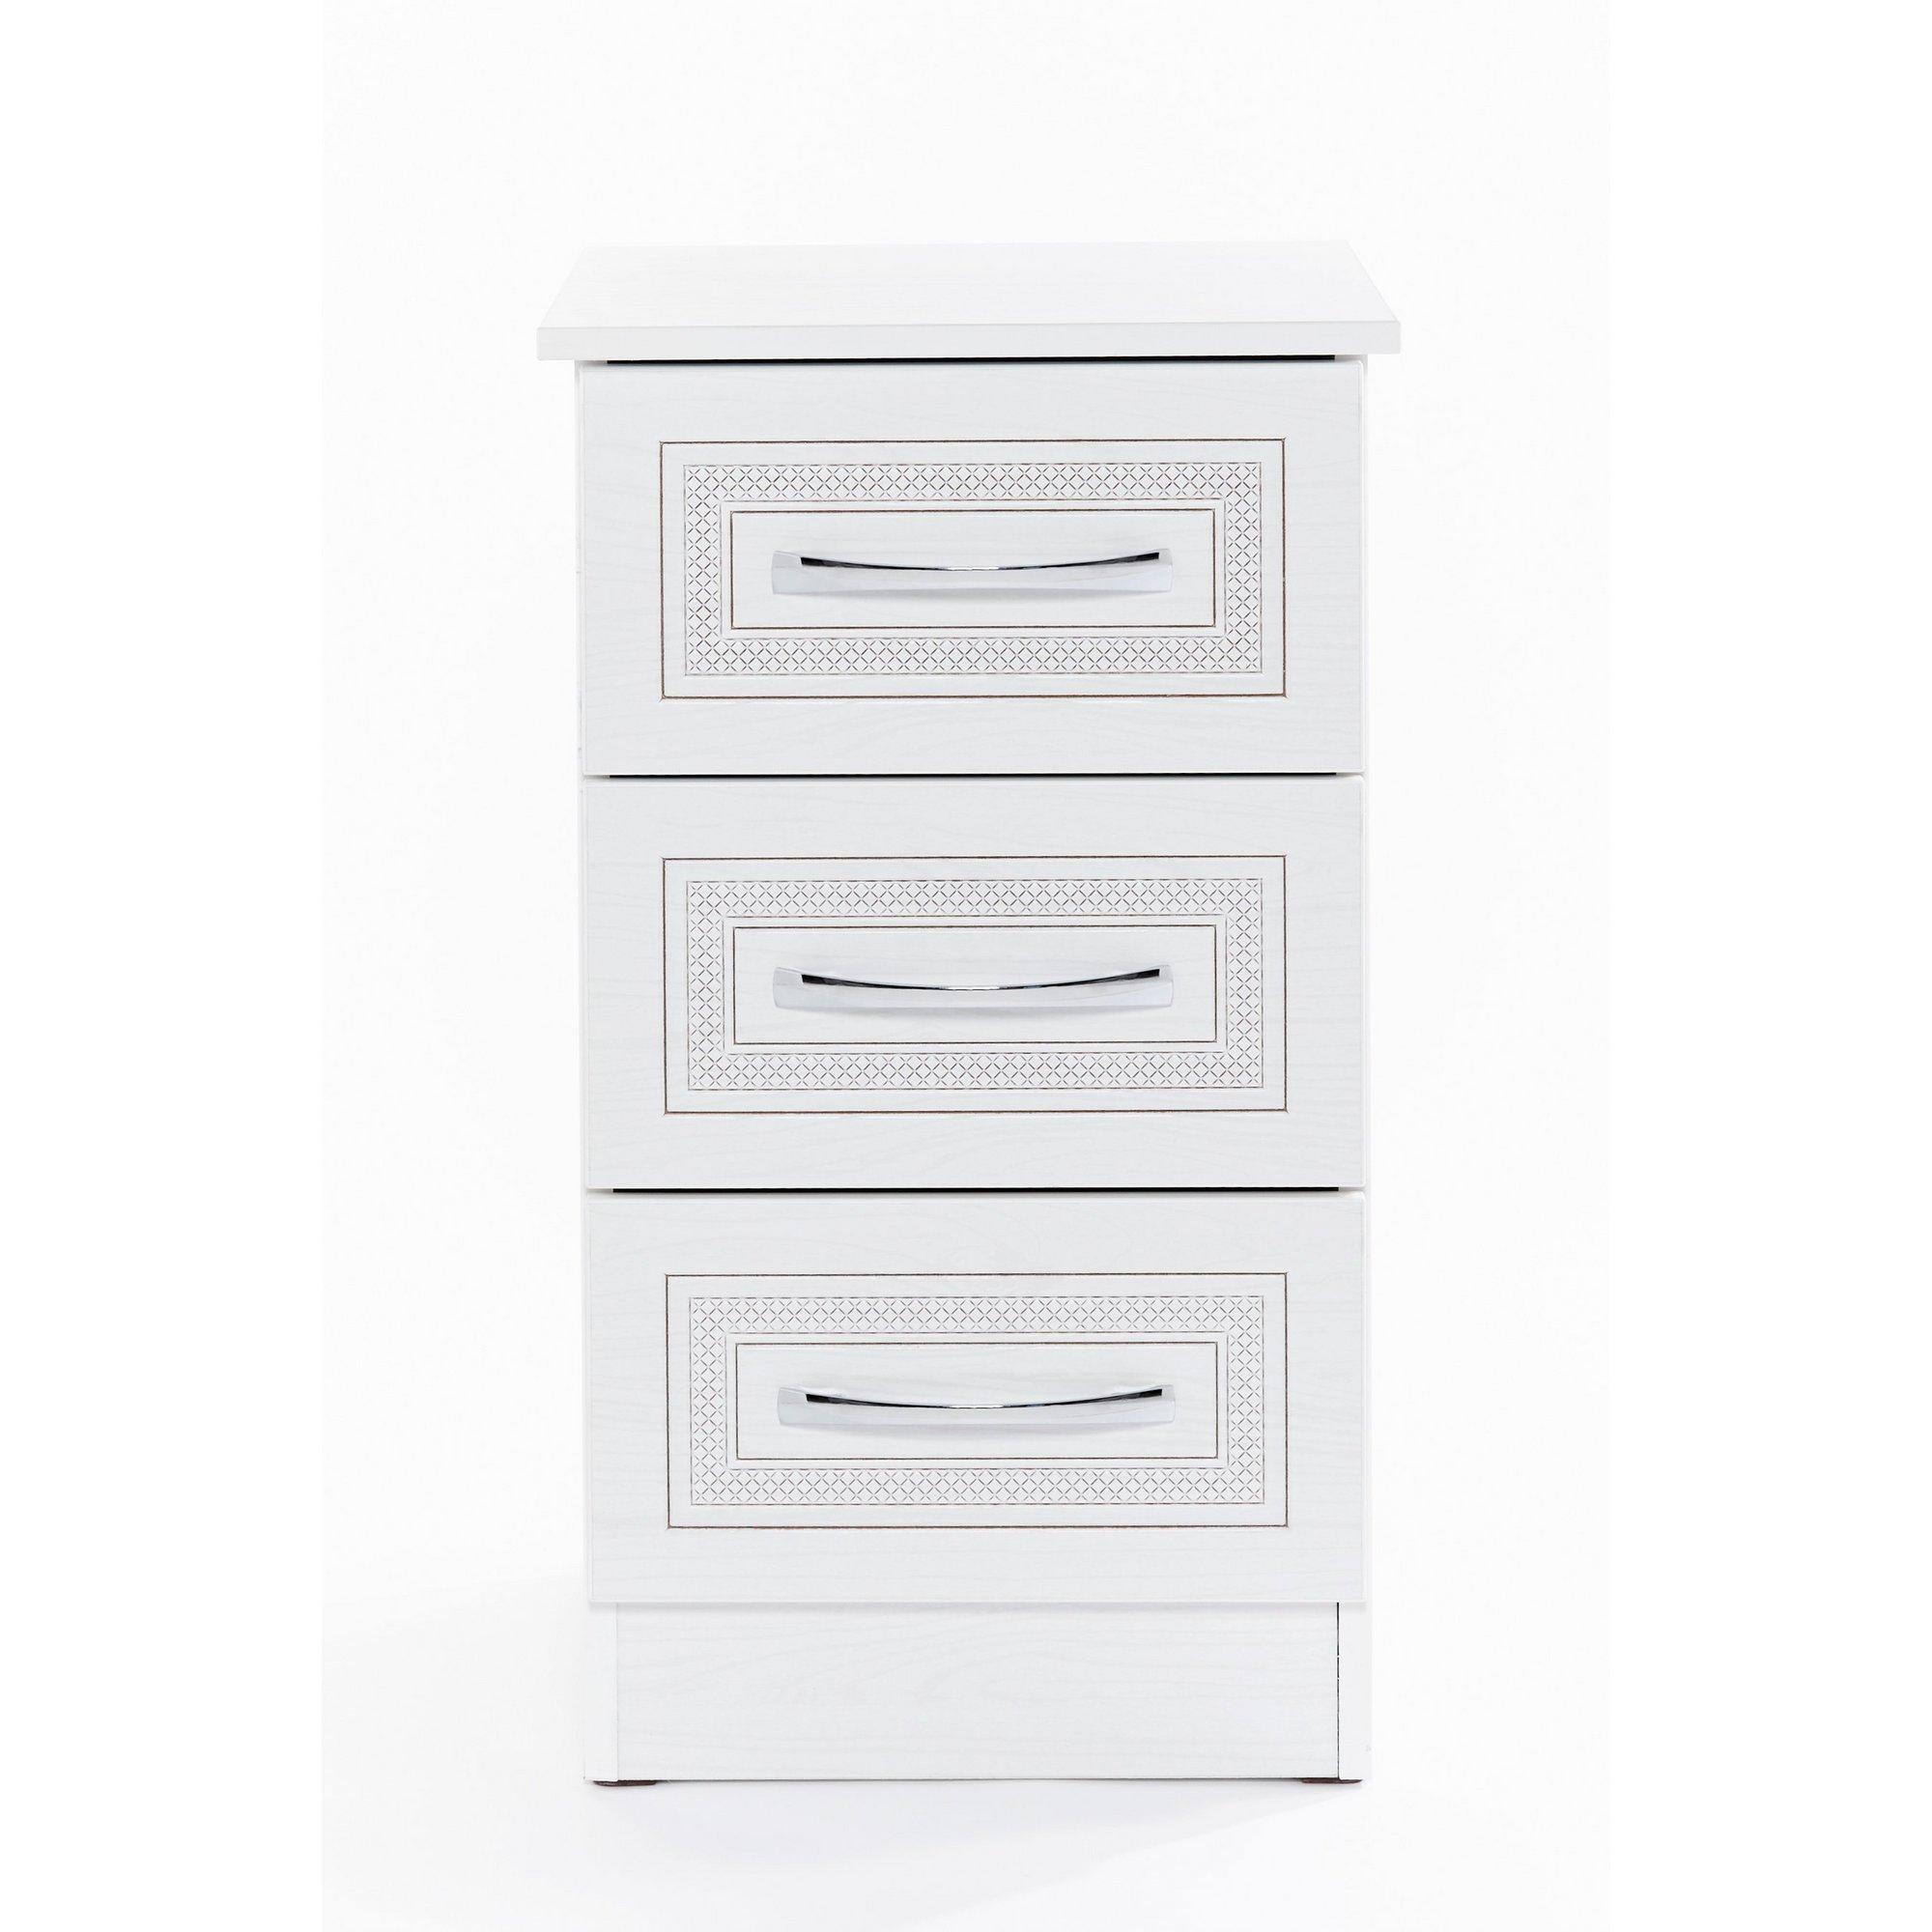 Image of Dorset 3 Drawer Bedside Cabinet - Ready Assembled